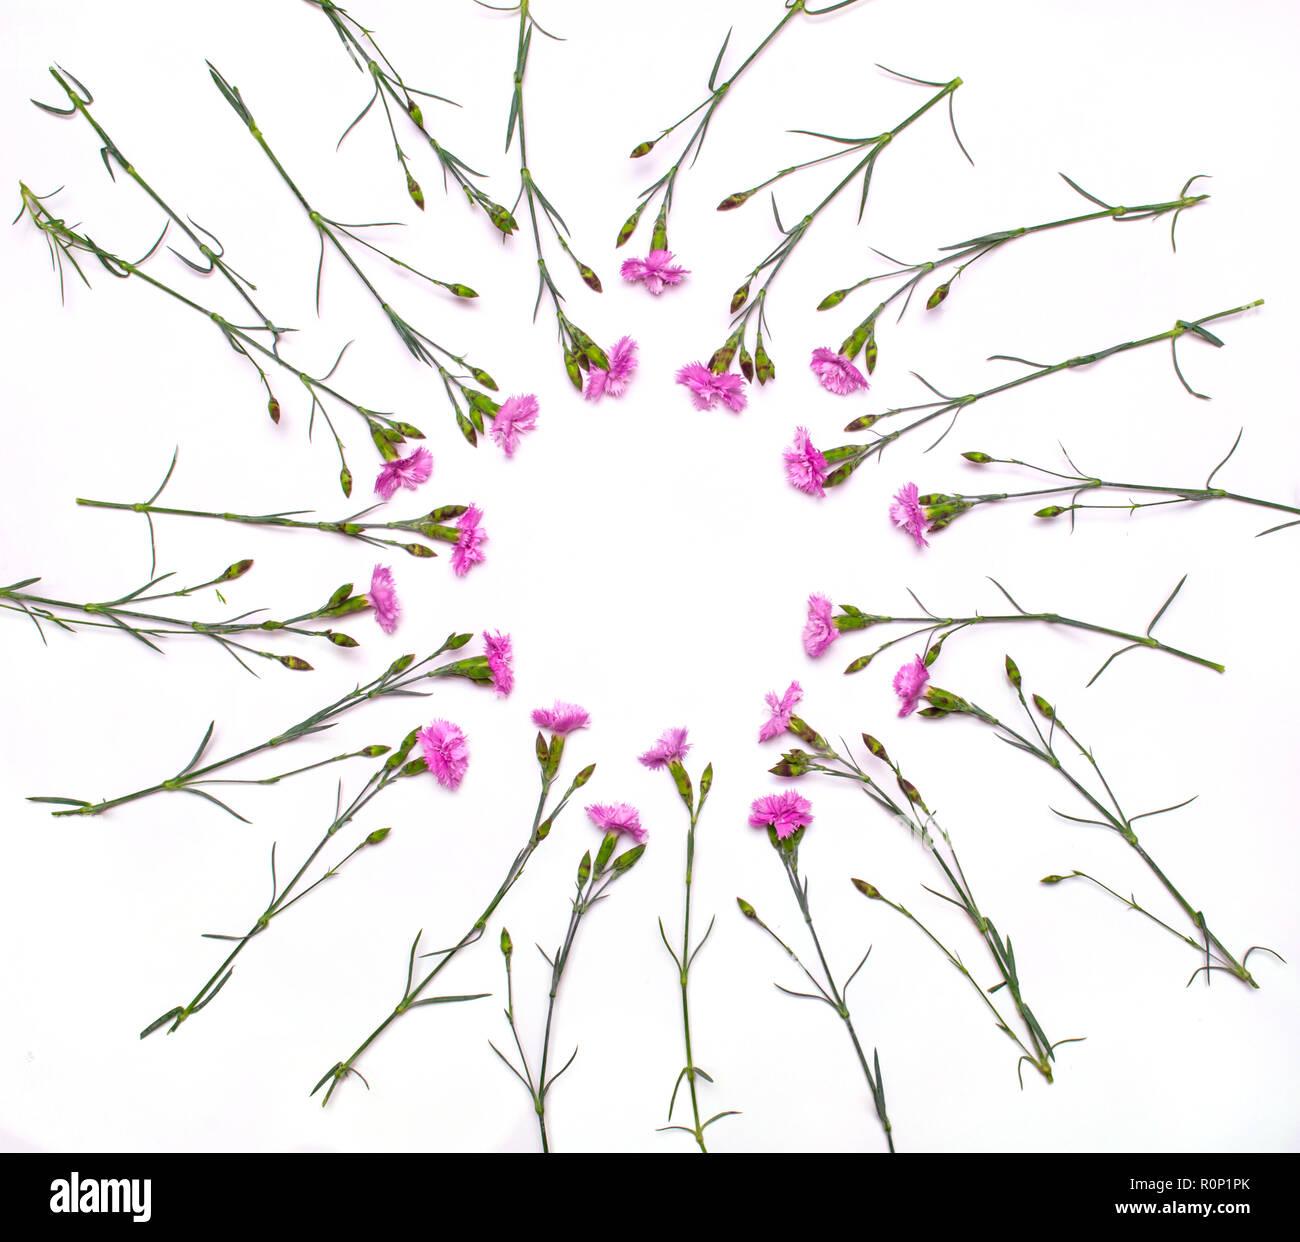 Image Pour Mettre Dans Un Cadre cadre rond de fleurs délicates. printemps des fleurs roses